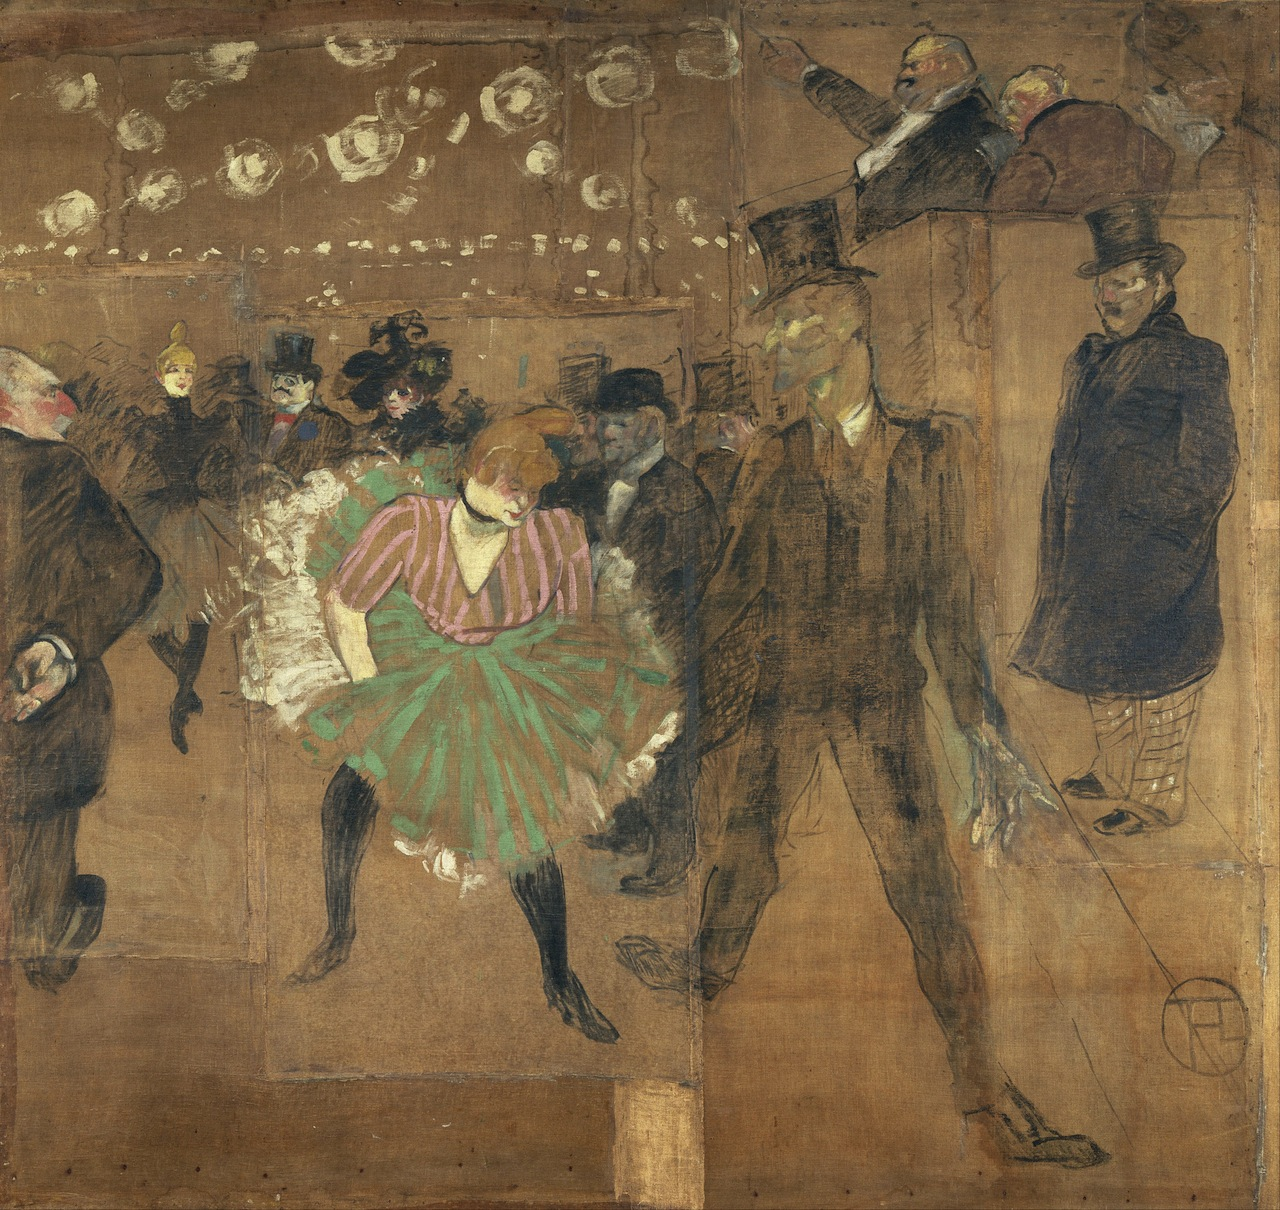 """Henri de Toulouse-Lautrec, """"Panneaux pour la baraque de la Goulue, à la Foire du Trône à Paris"""" (Image via Wikimedia)"""